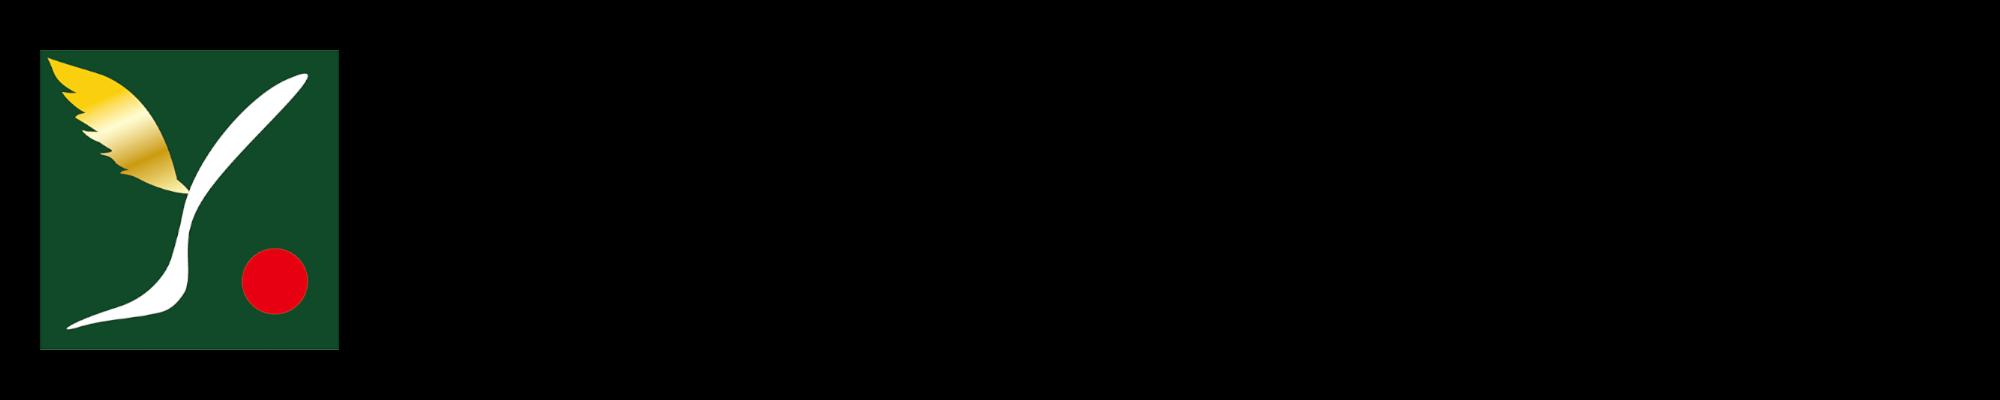 三幸産業株式会社ロゴ4(透明+黒字)